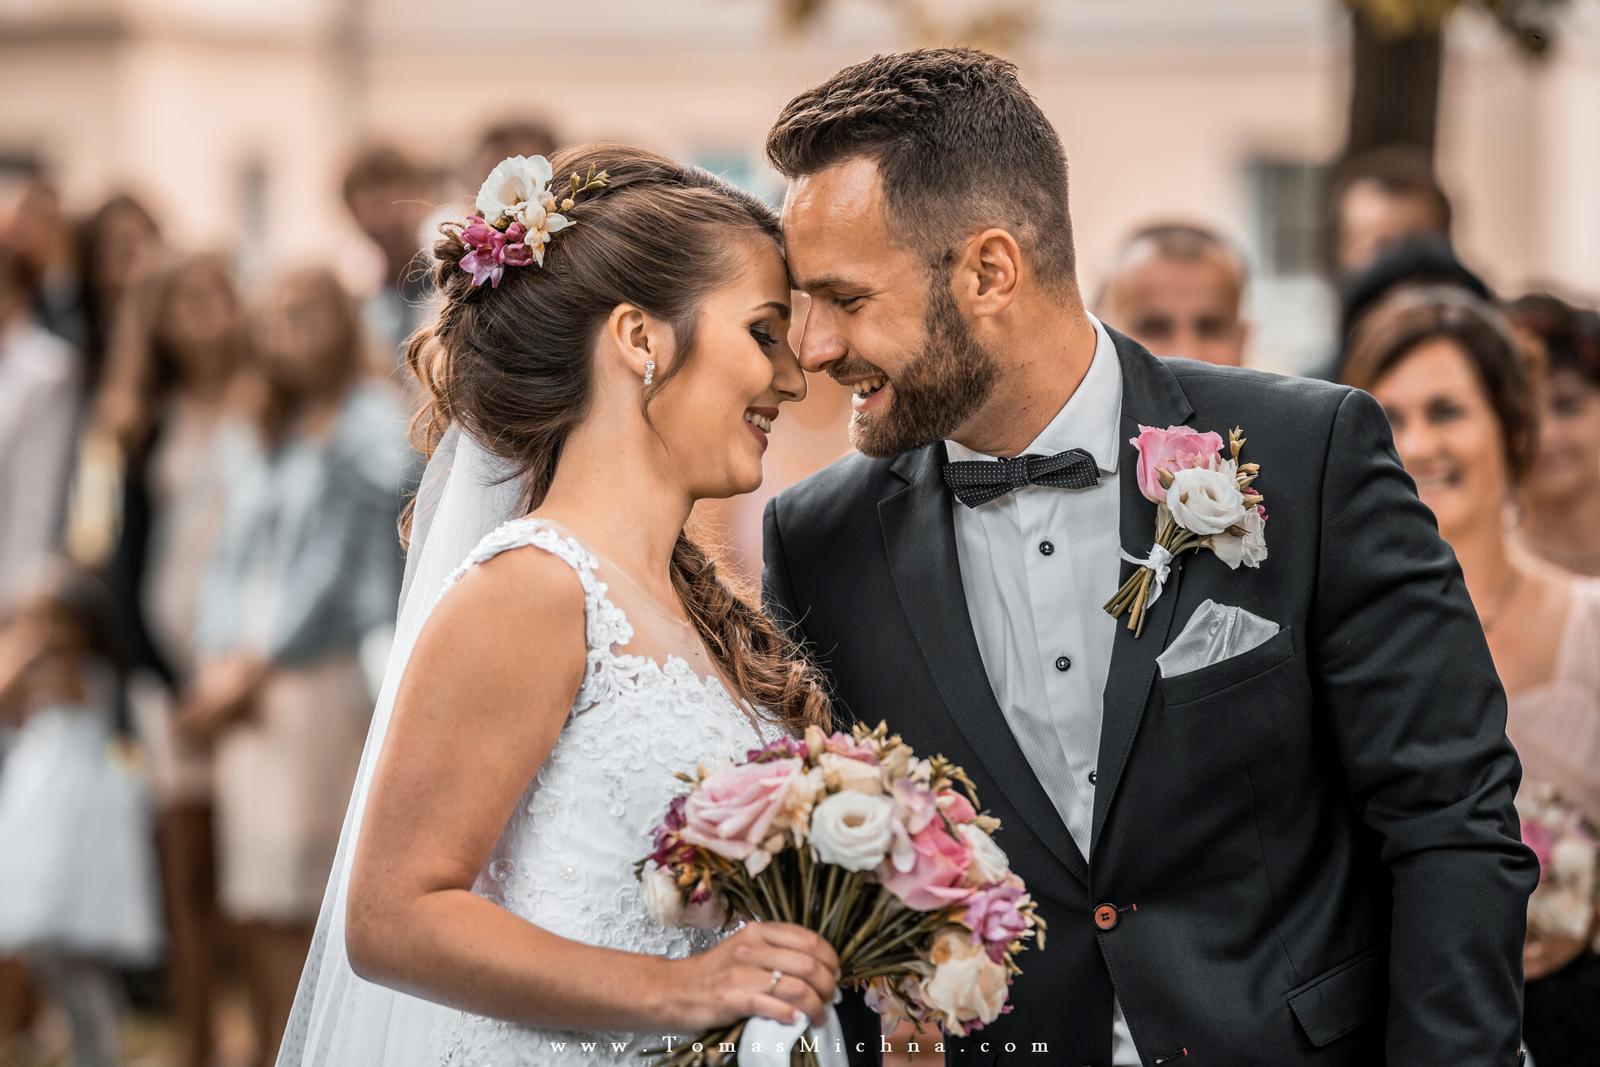 ♥ Michal & Nikola ♥ 17.8.2019 - Obrázok č. 6